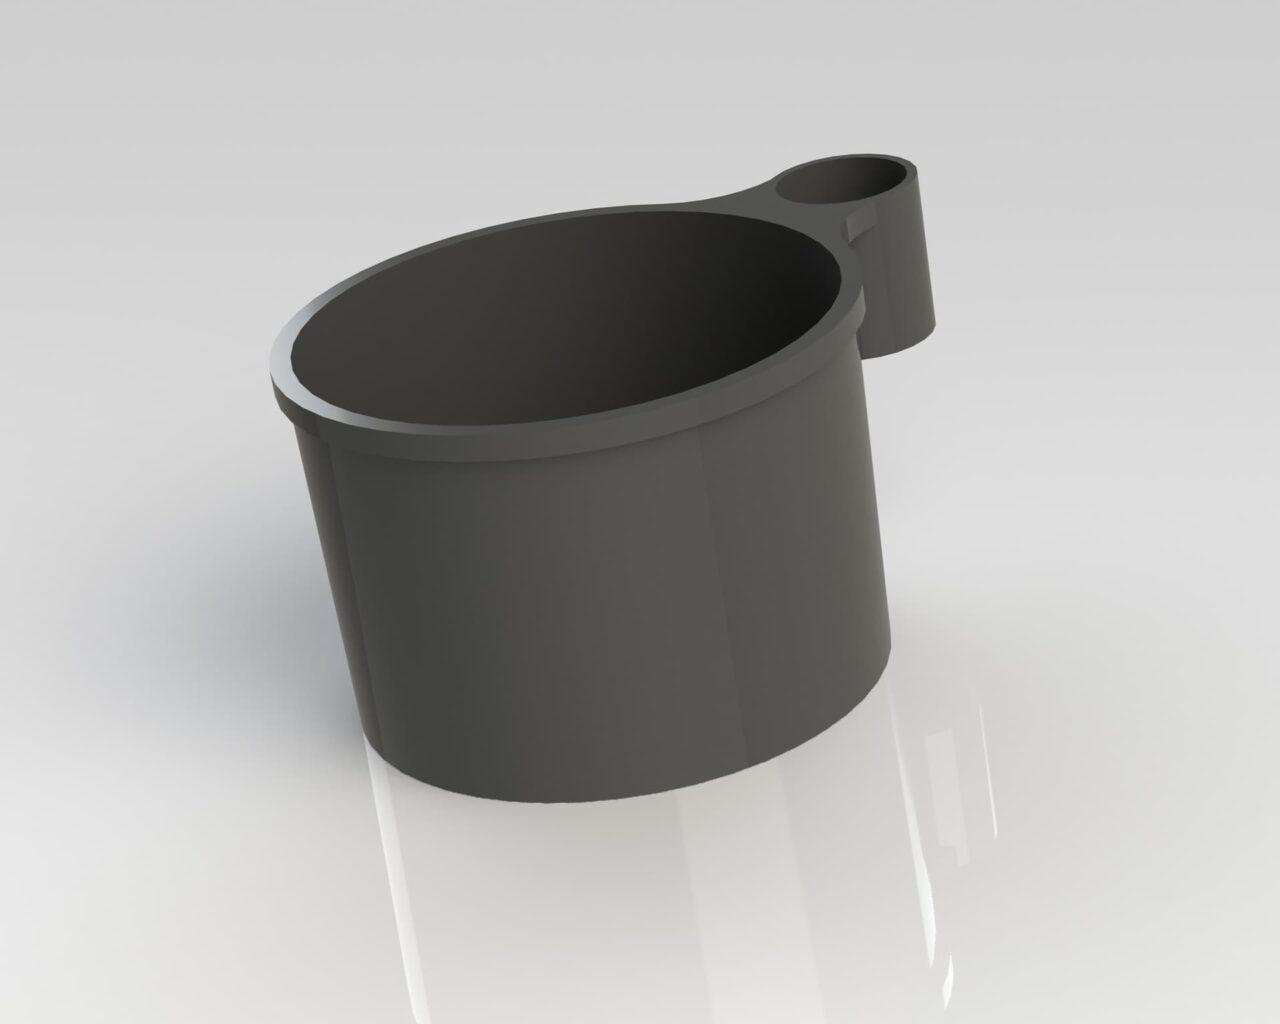 PEK3 Easytube Plastic Accessories CUP 10 BK 1